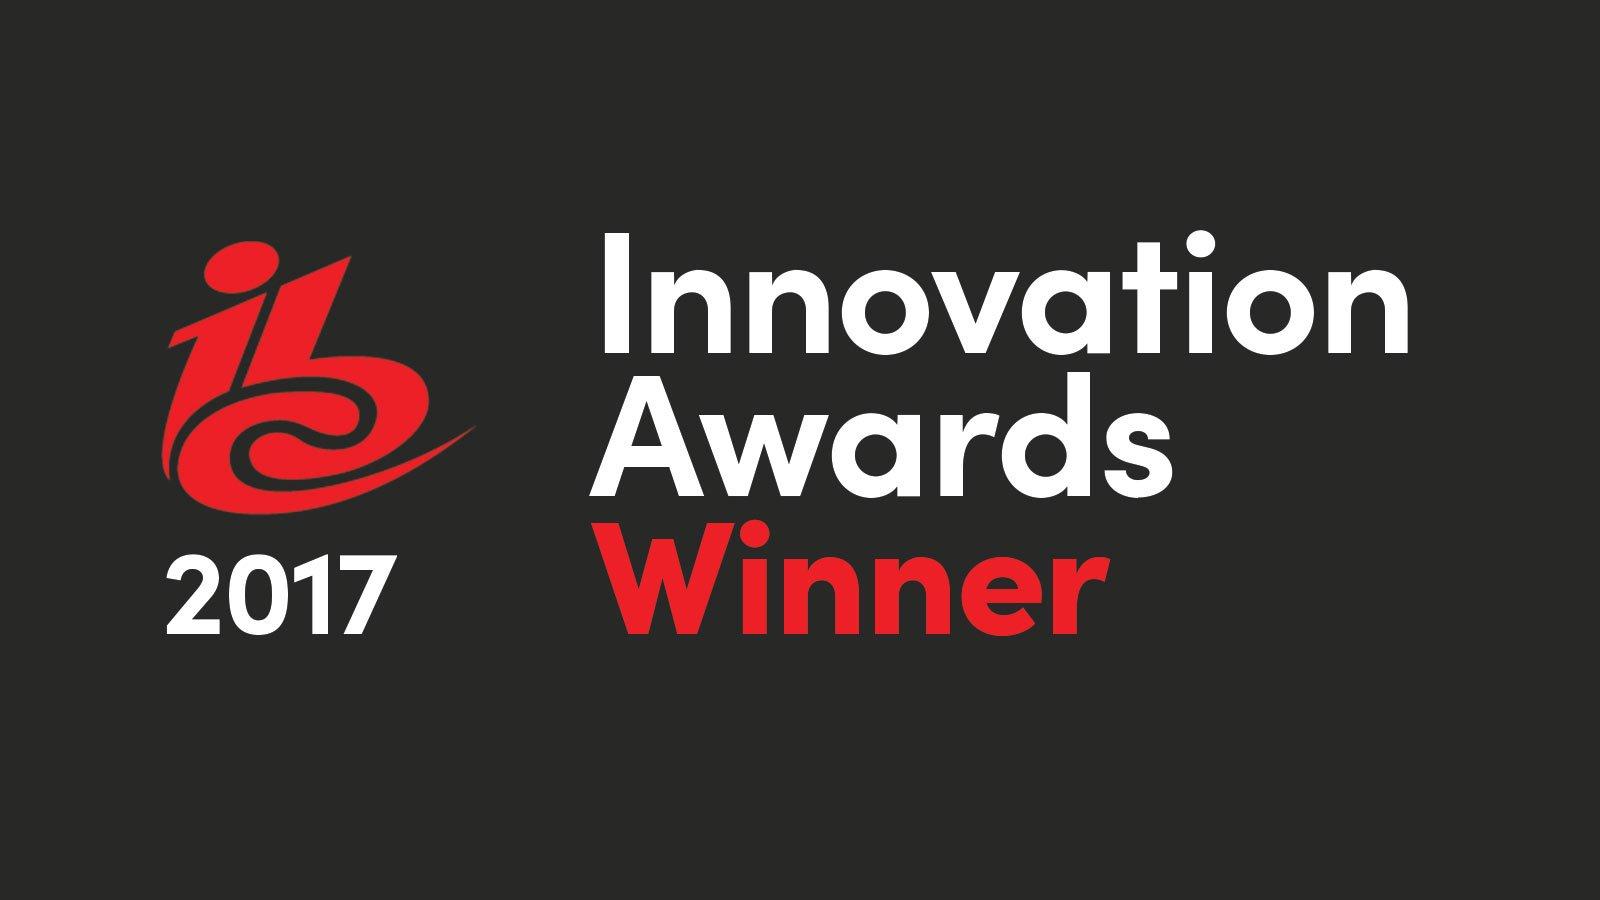 ibc2017 innovation awards winner